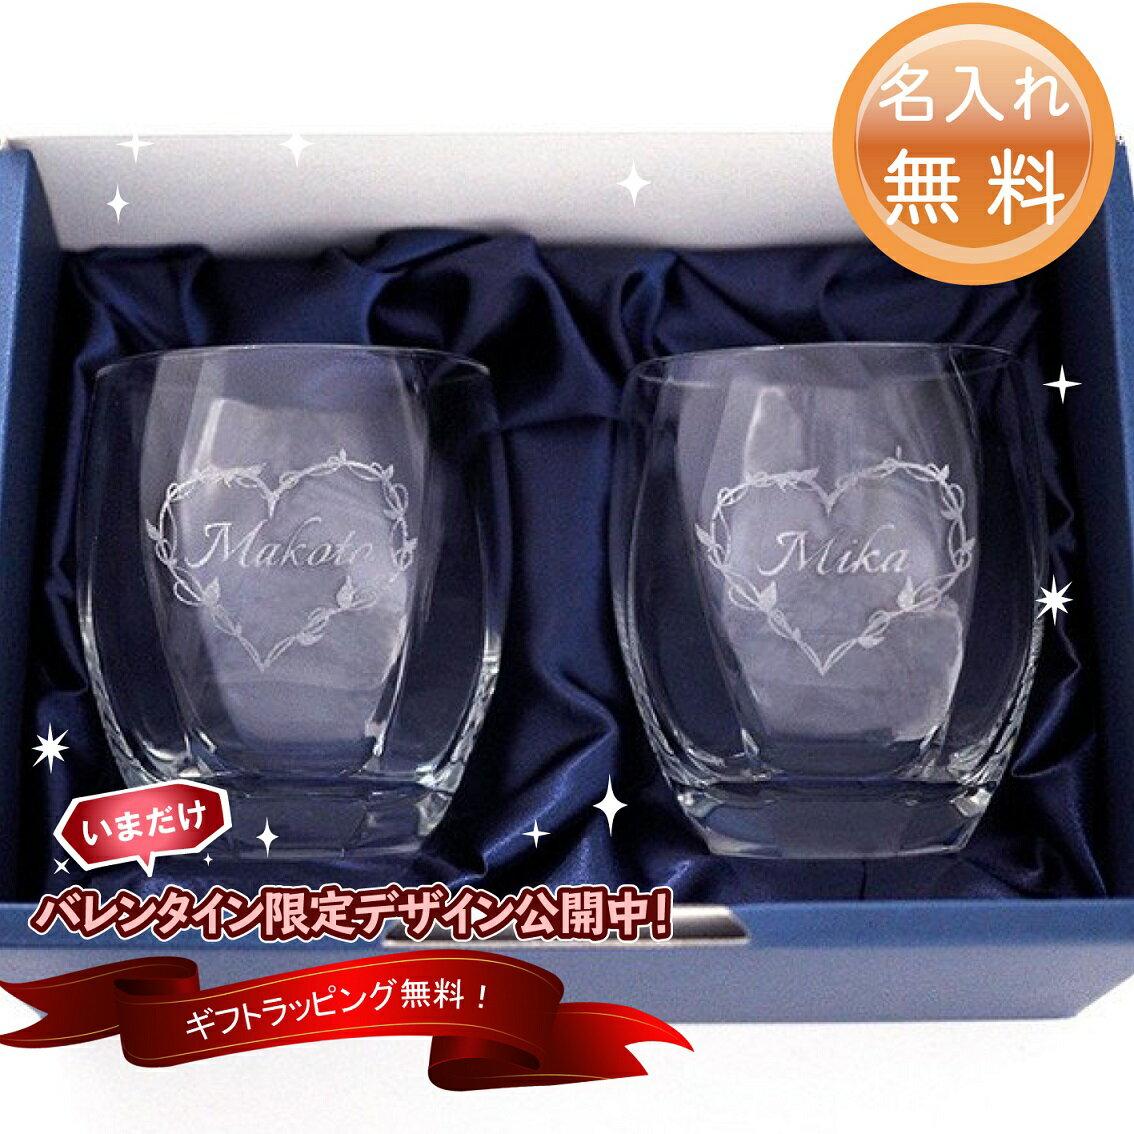 名入れ グラス ロックグラス 2個セット ギフトボックス付き 倒れても口部に当たりません 記念品 卒業 バレンタイン 成人 就職 プレゼント 名前入れ